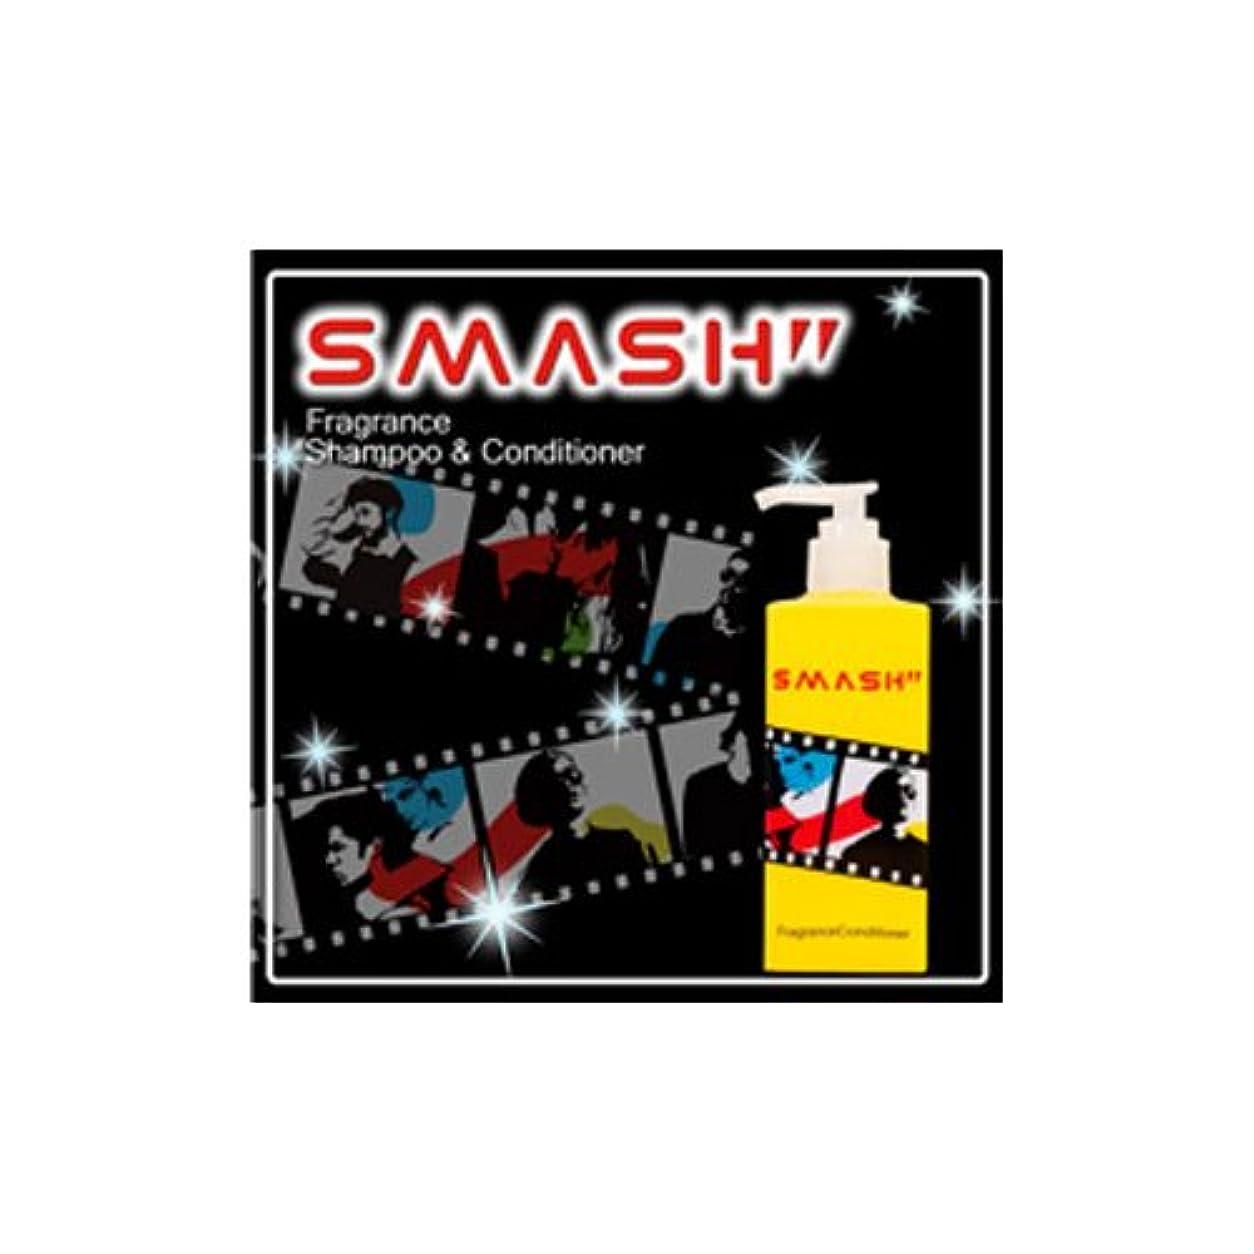 ルーキー男性鎮静剤【スマッシュフレグランスコンディショナー】